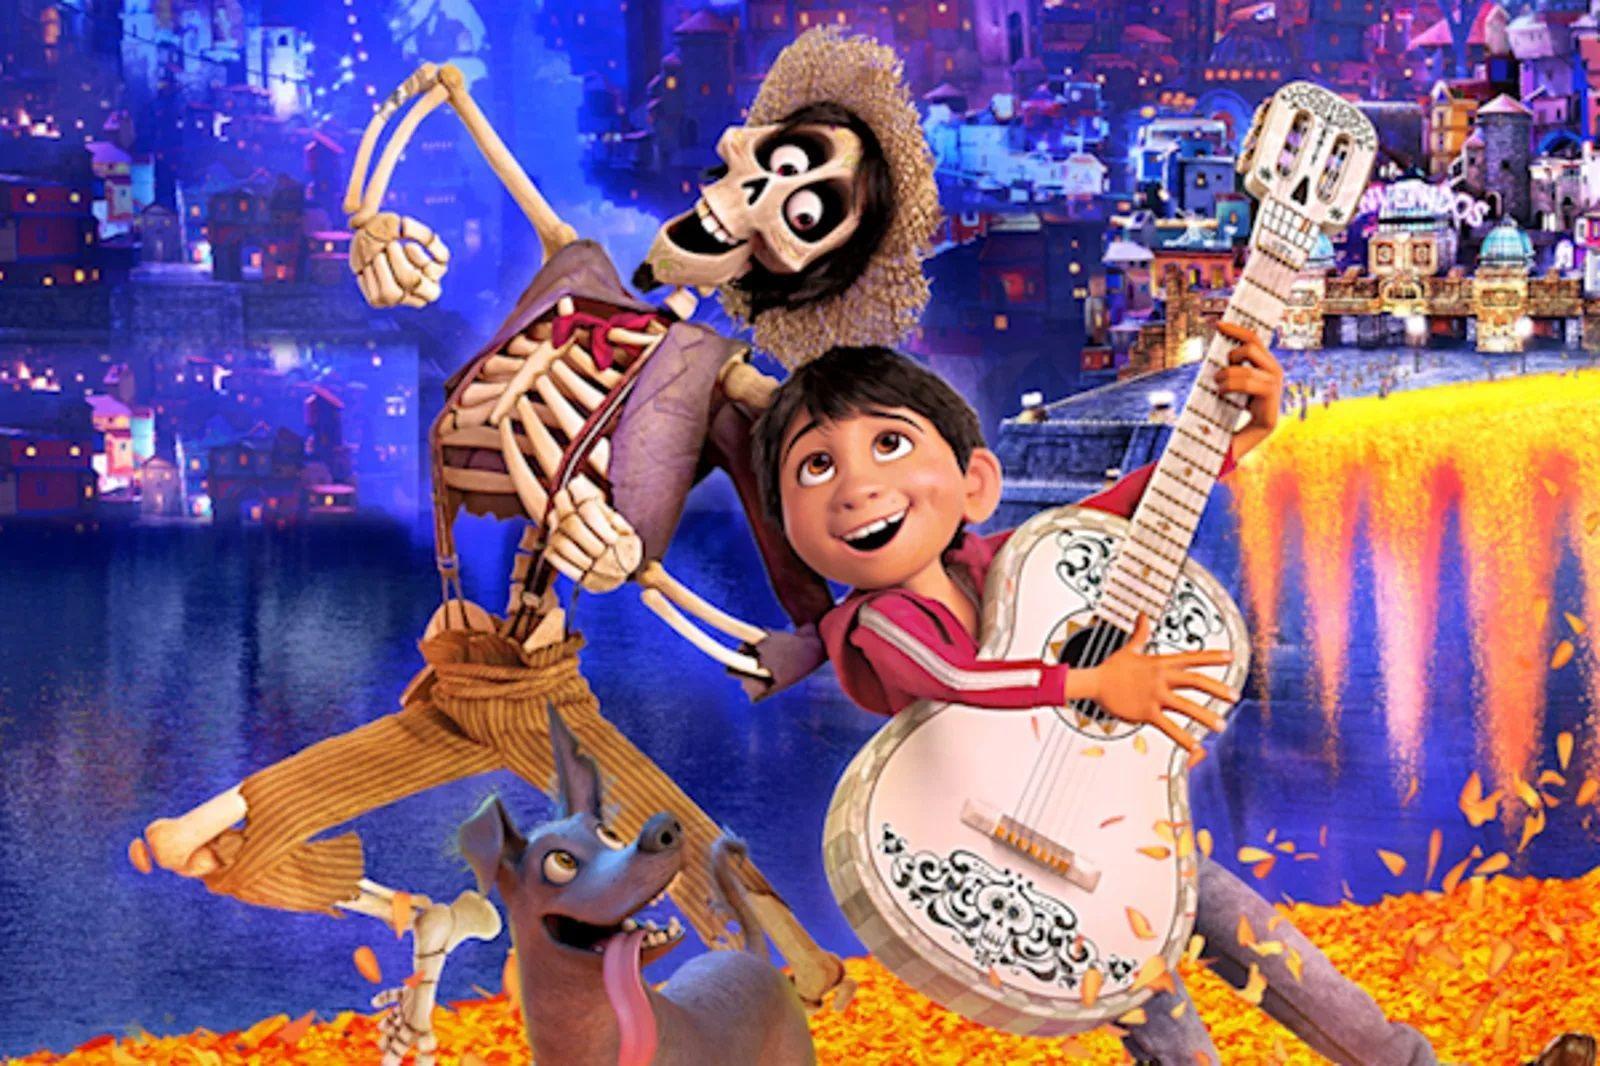 Ver Coco Película Completa En Español Latino Coco Pelicula Pelicula Coco Disney Ver Peliculas De Disney